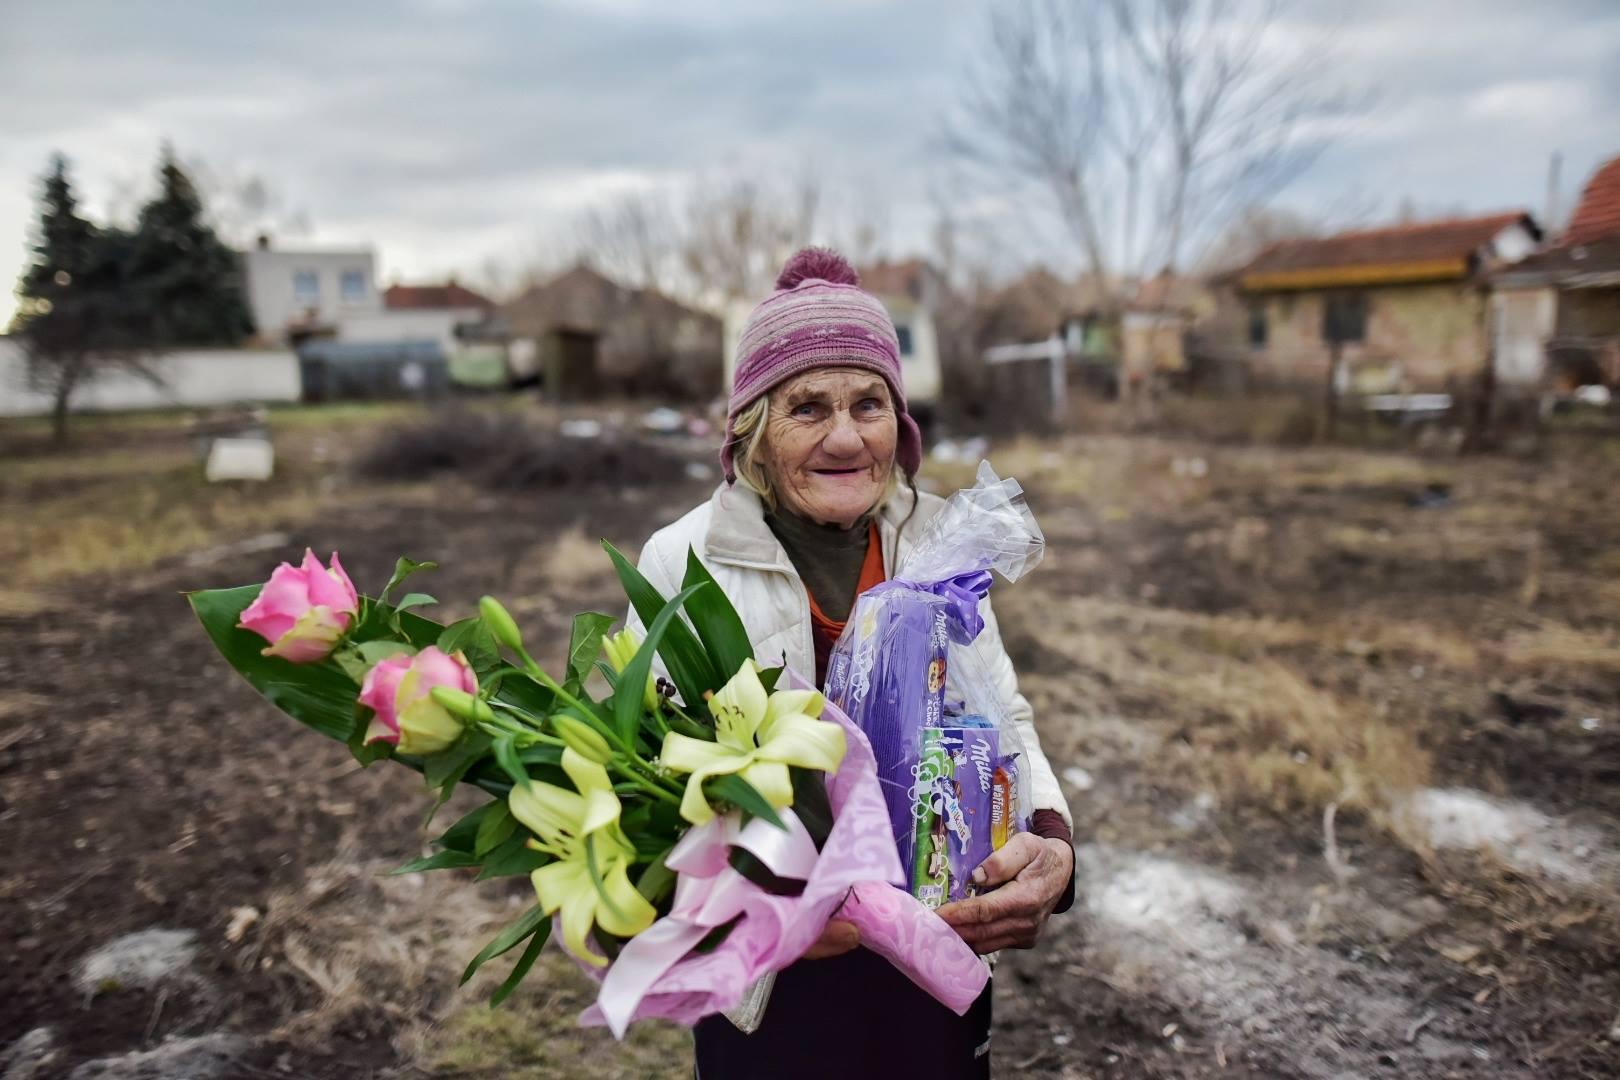 A MÁV bocsánatot kért az idős nőtől, akit egy kalauz a lejárt igazolványa miatt akart lezavarni a vonatról